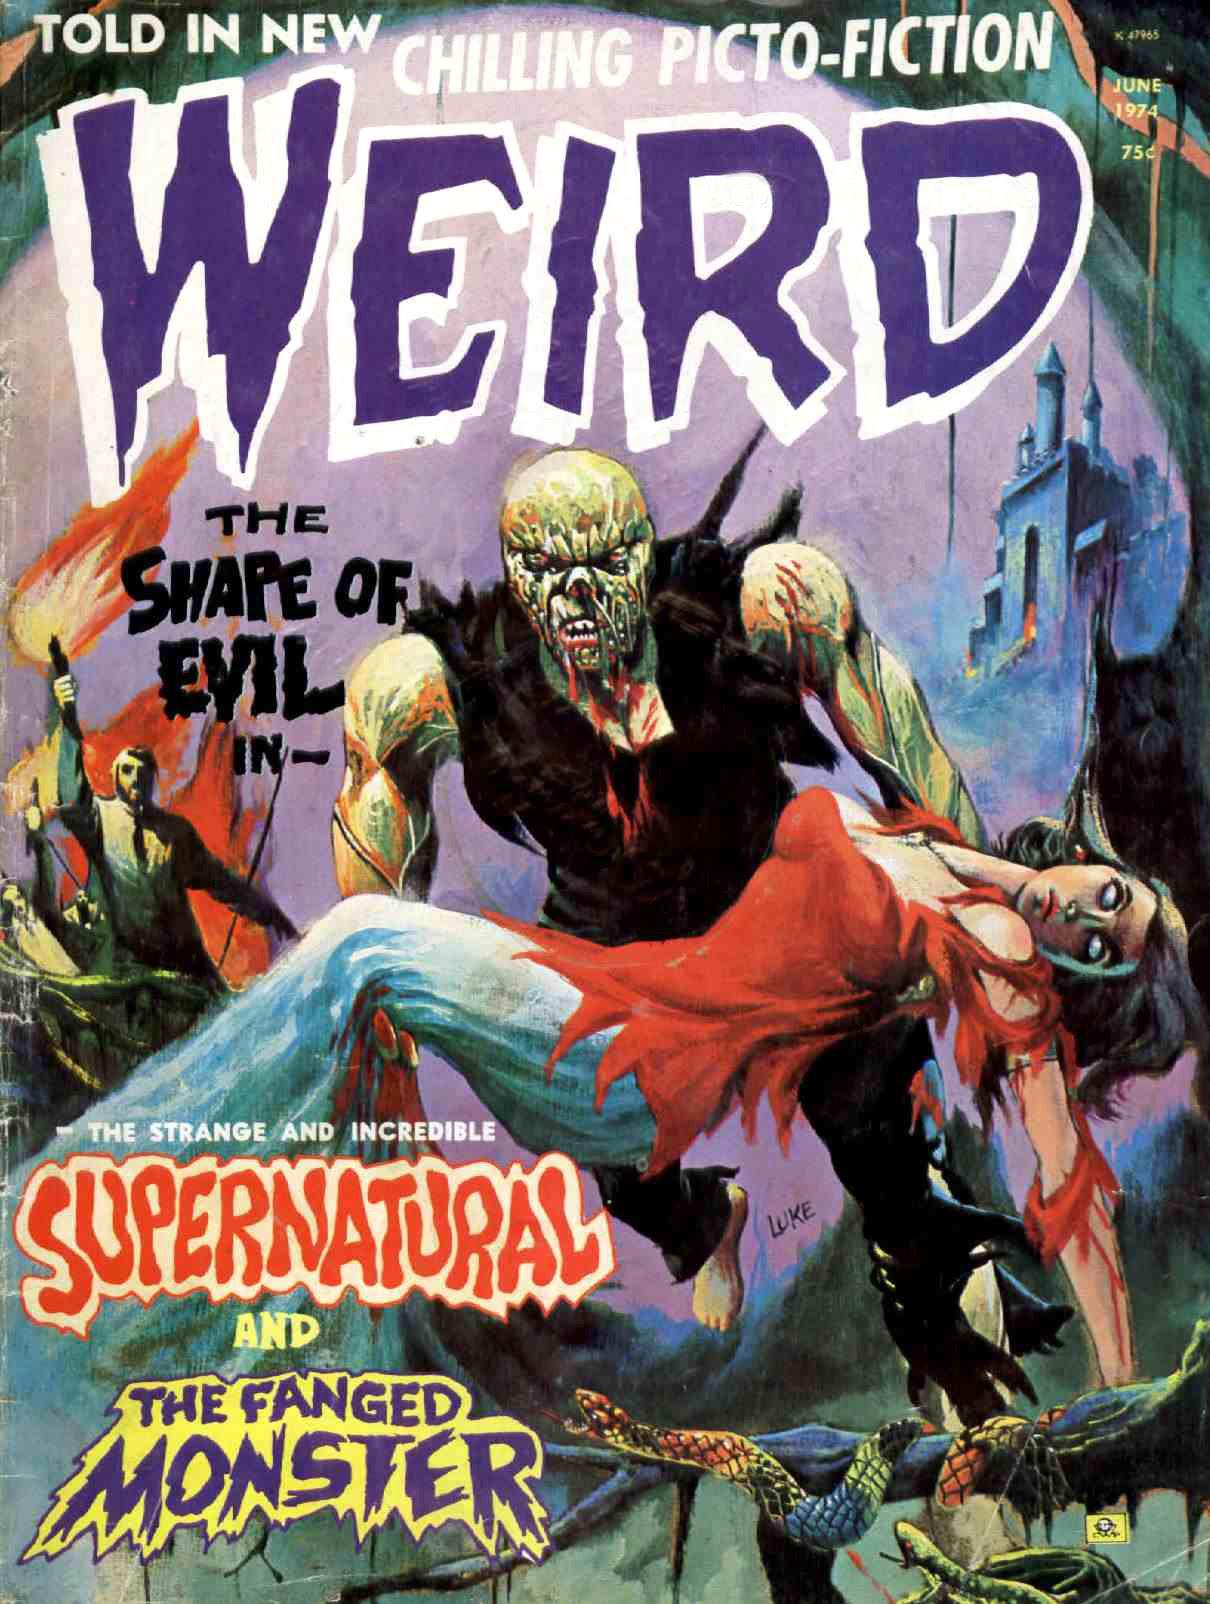 Weird Vol. 08 #3 (Eerie Publications, 1974)